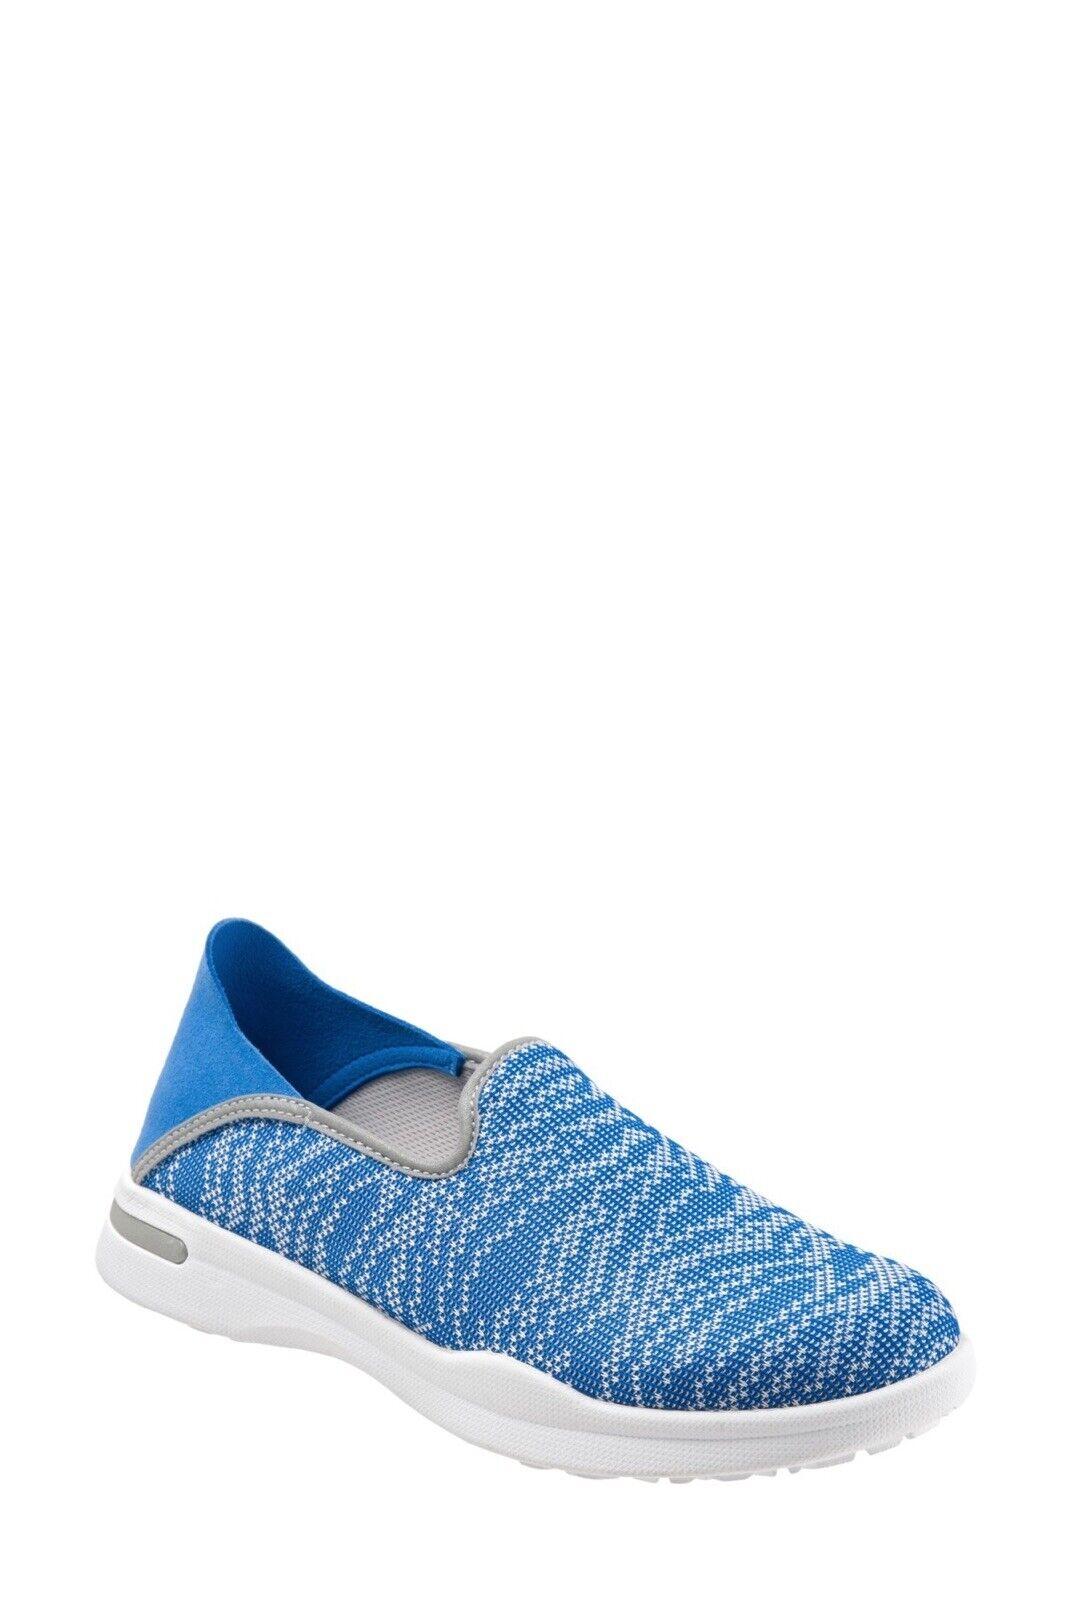 NEW SoftWalk Congreenible Slip-On Simba Knit Flat Sneaker Drop Down Heel bluee 9W